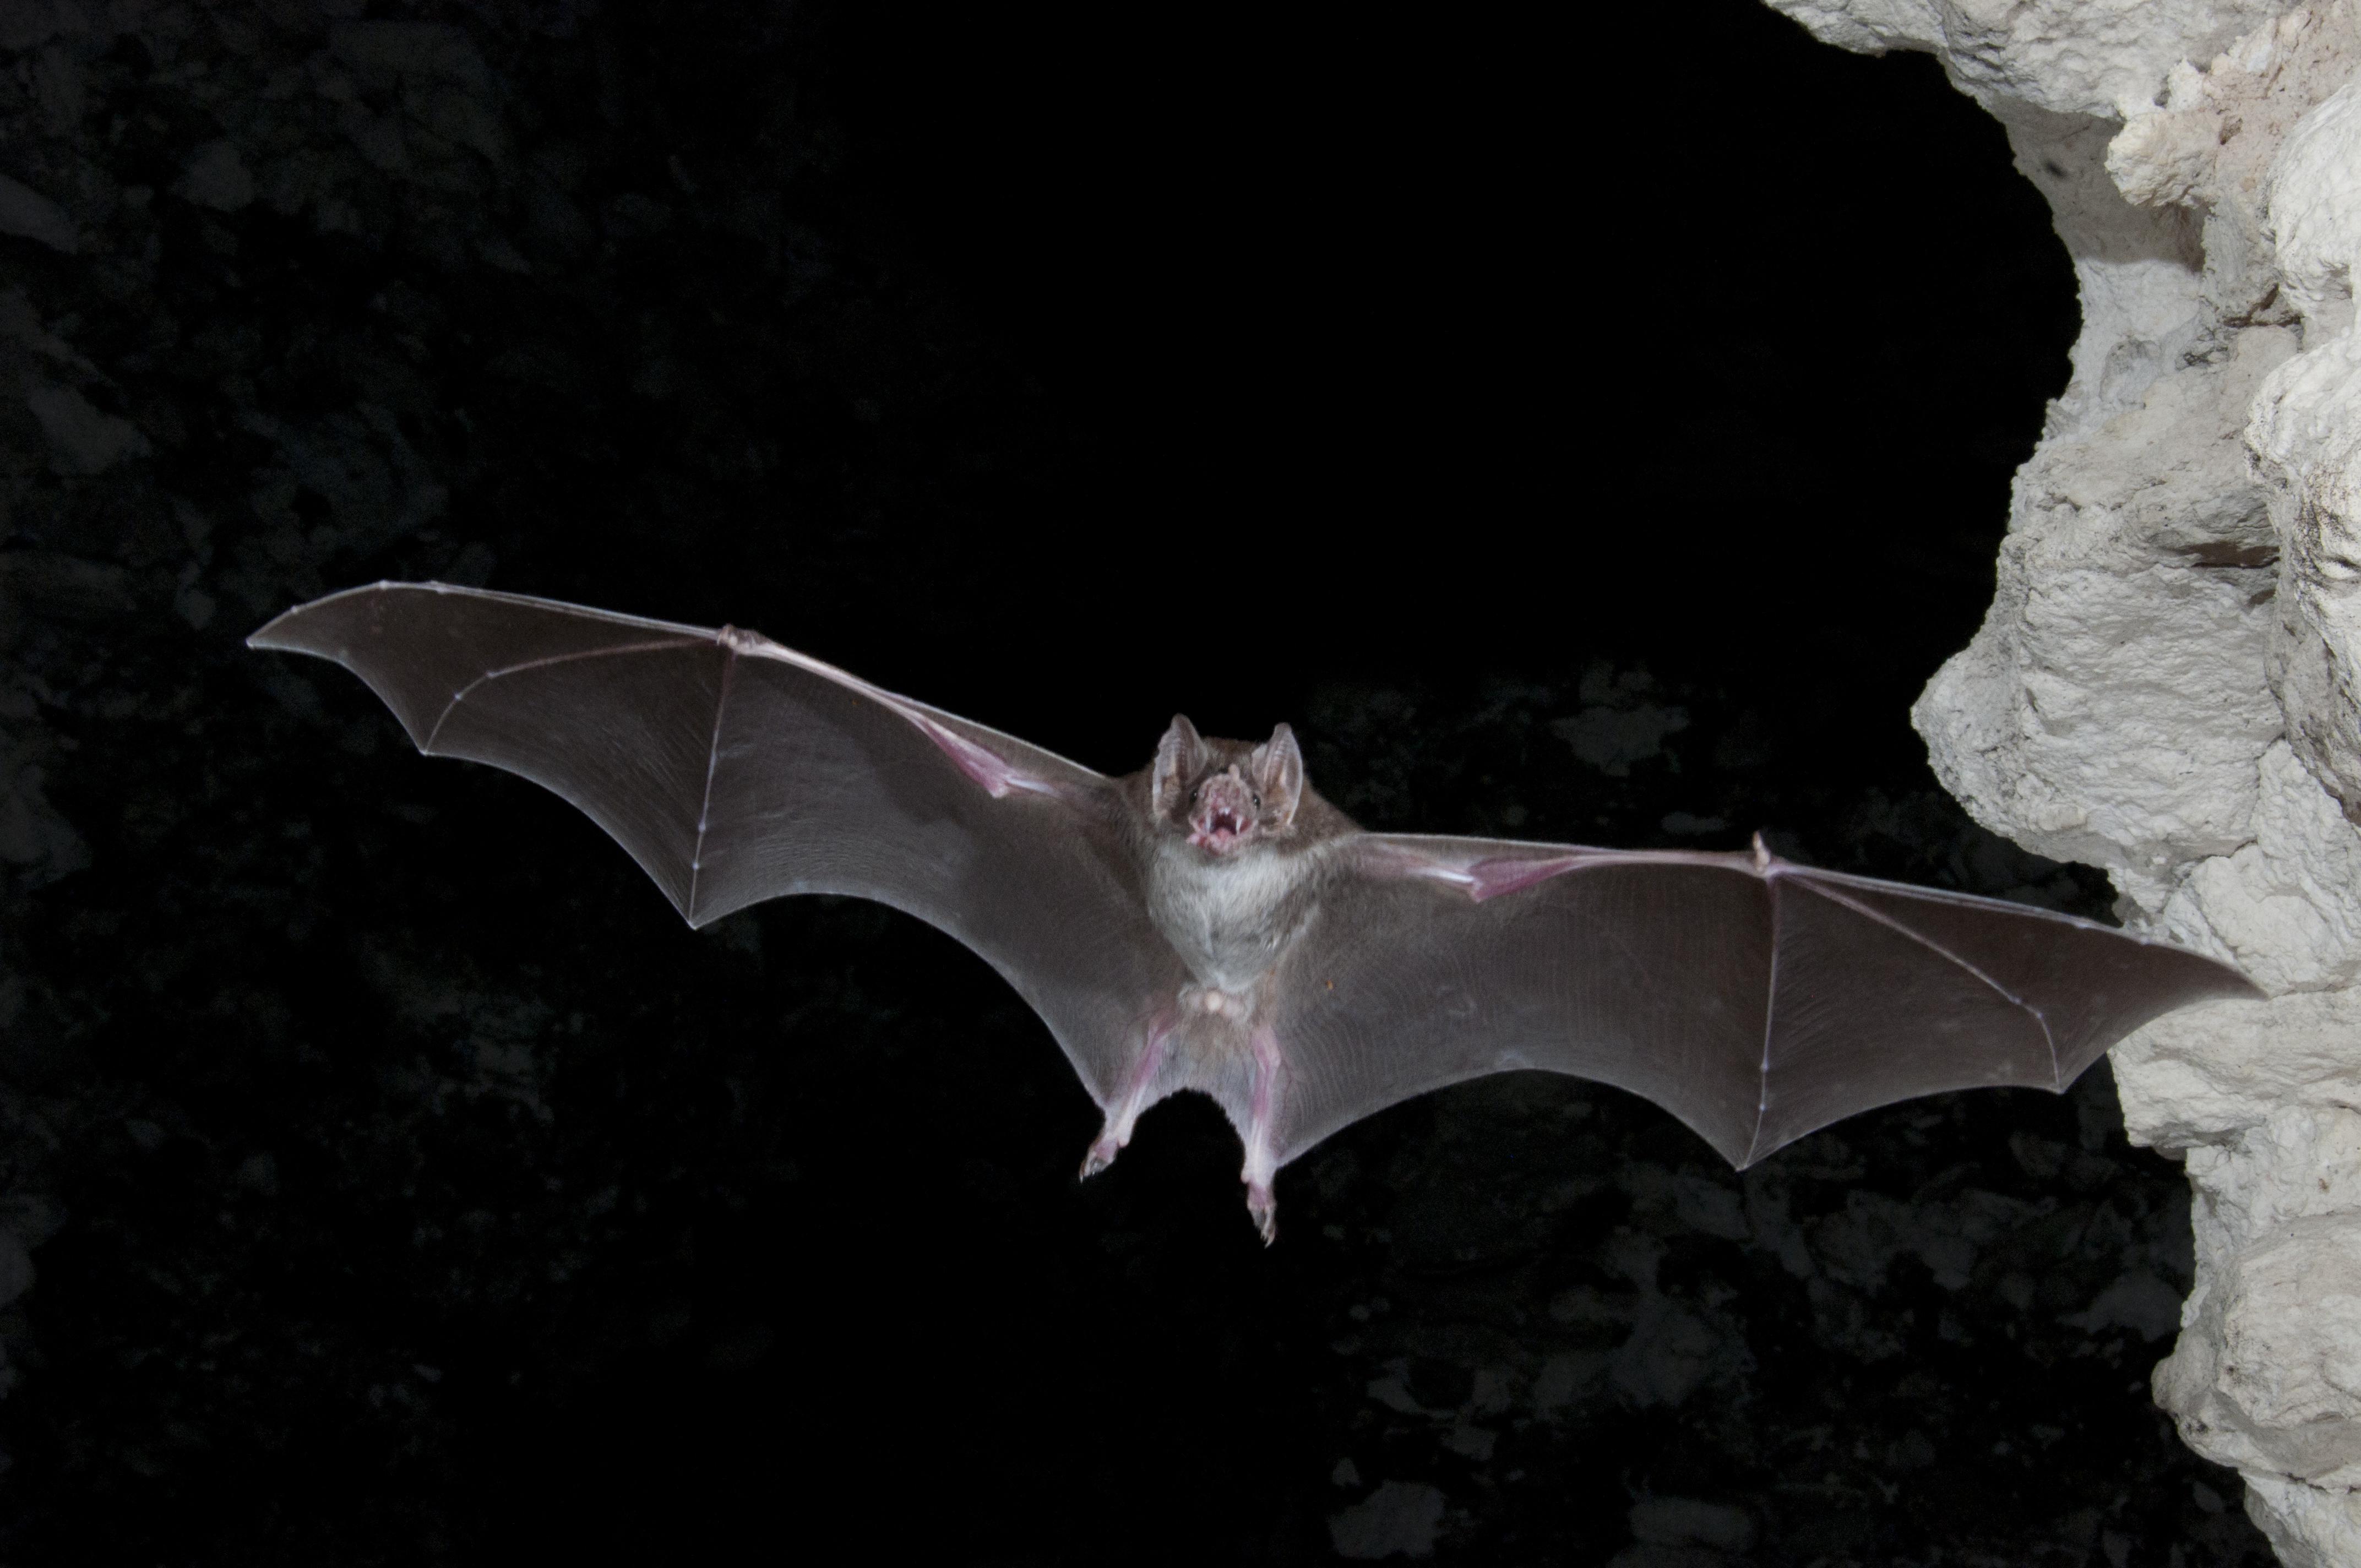 bat at